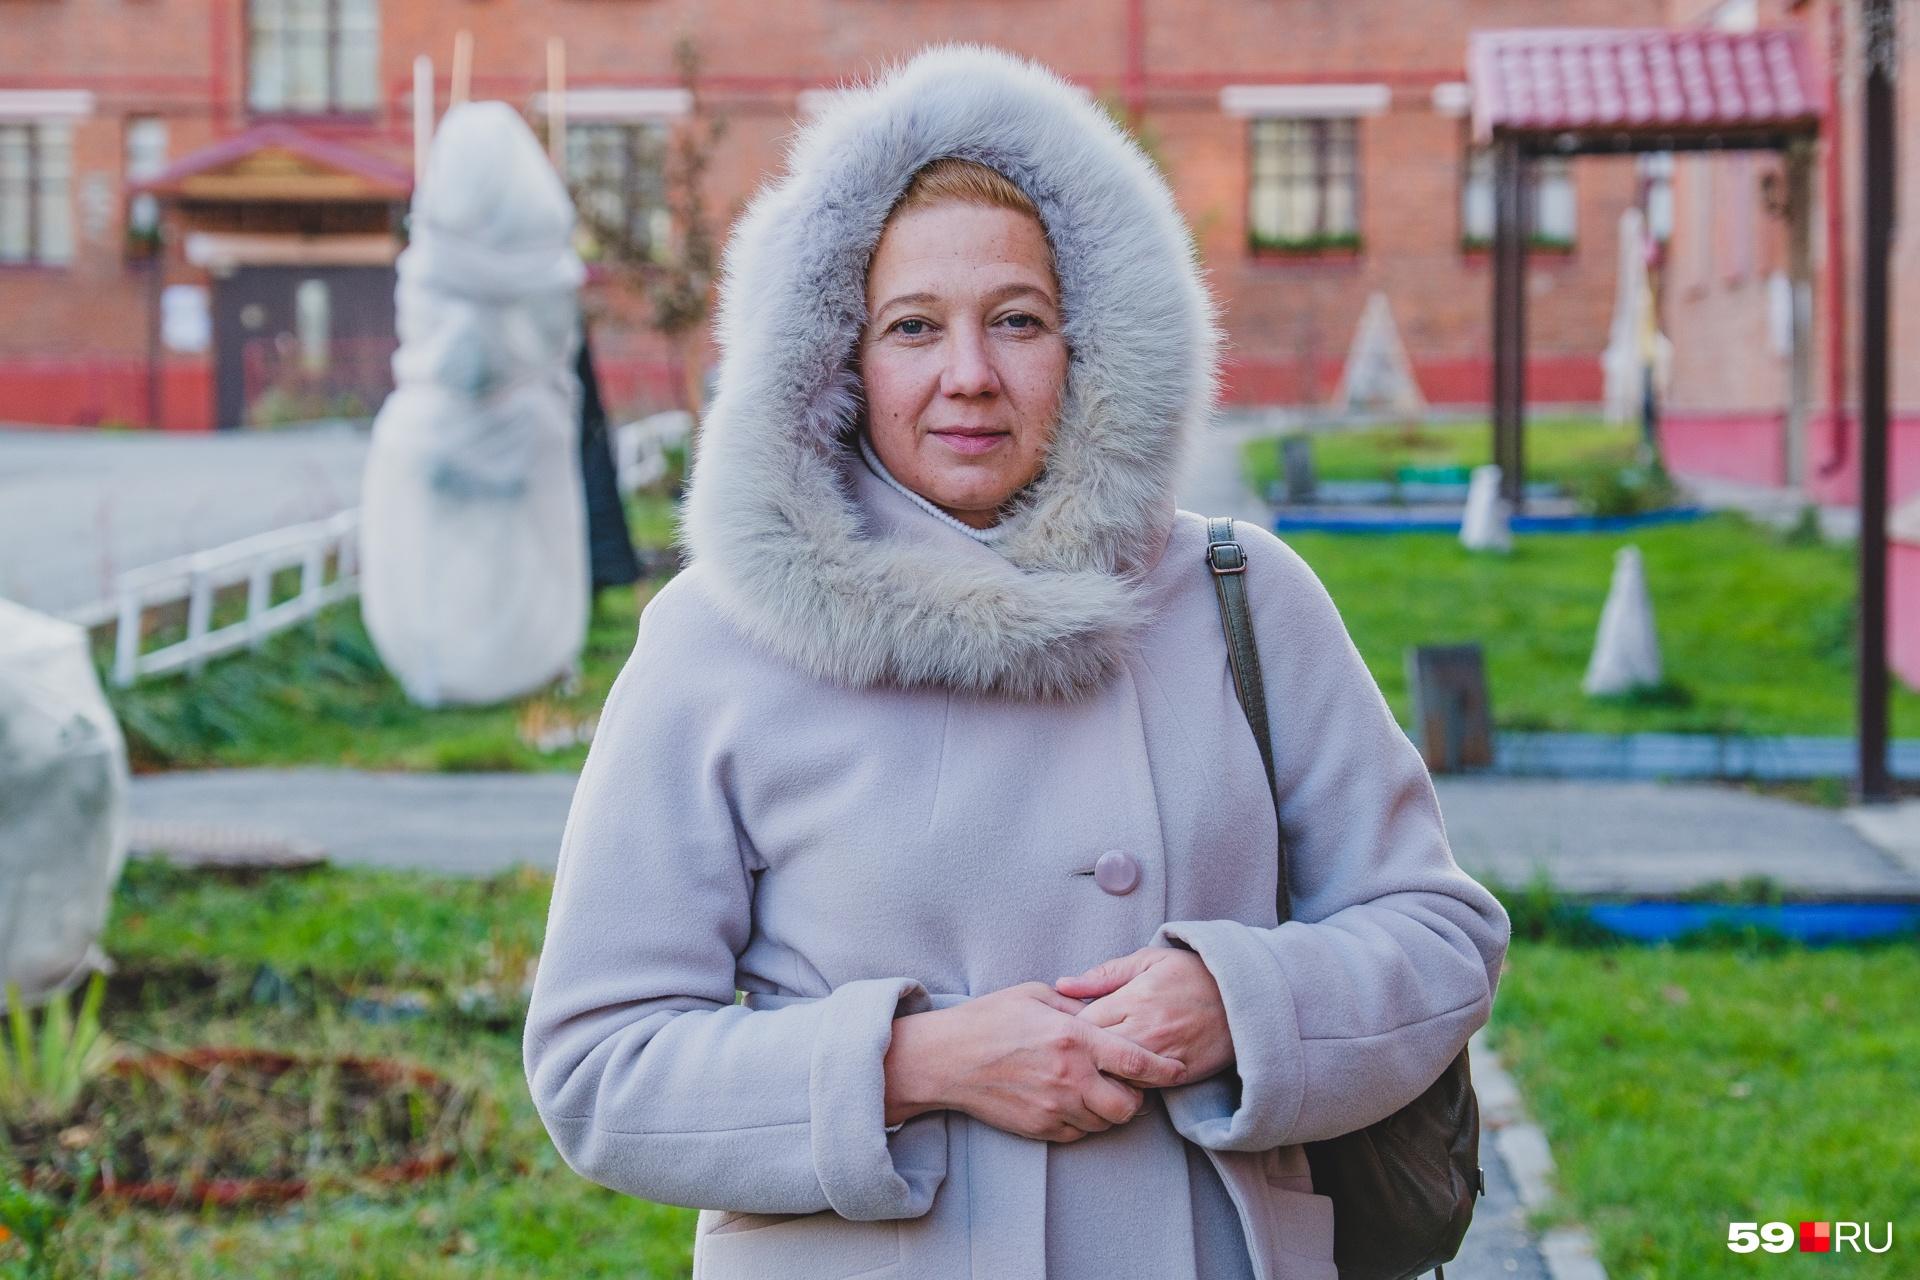 Анастасия Мальцева живет в одном из домов городка